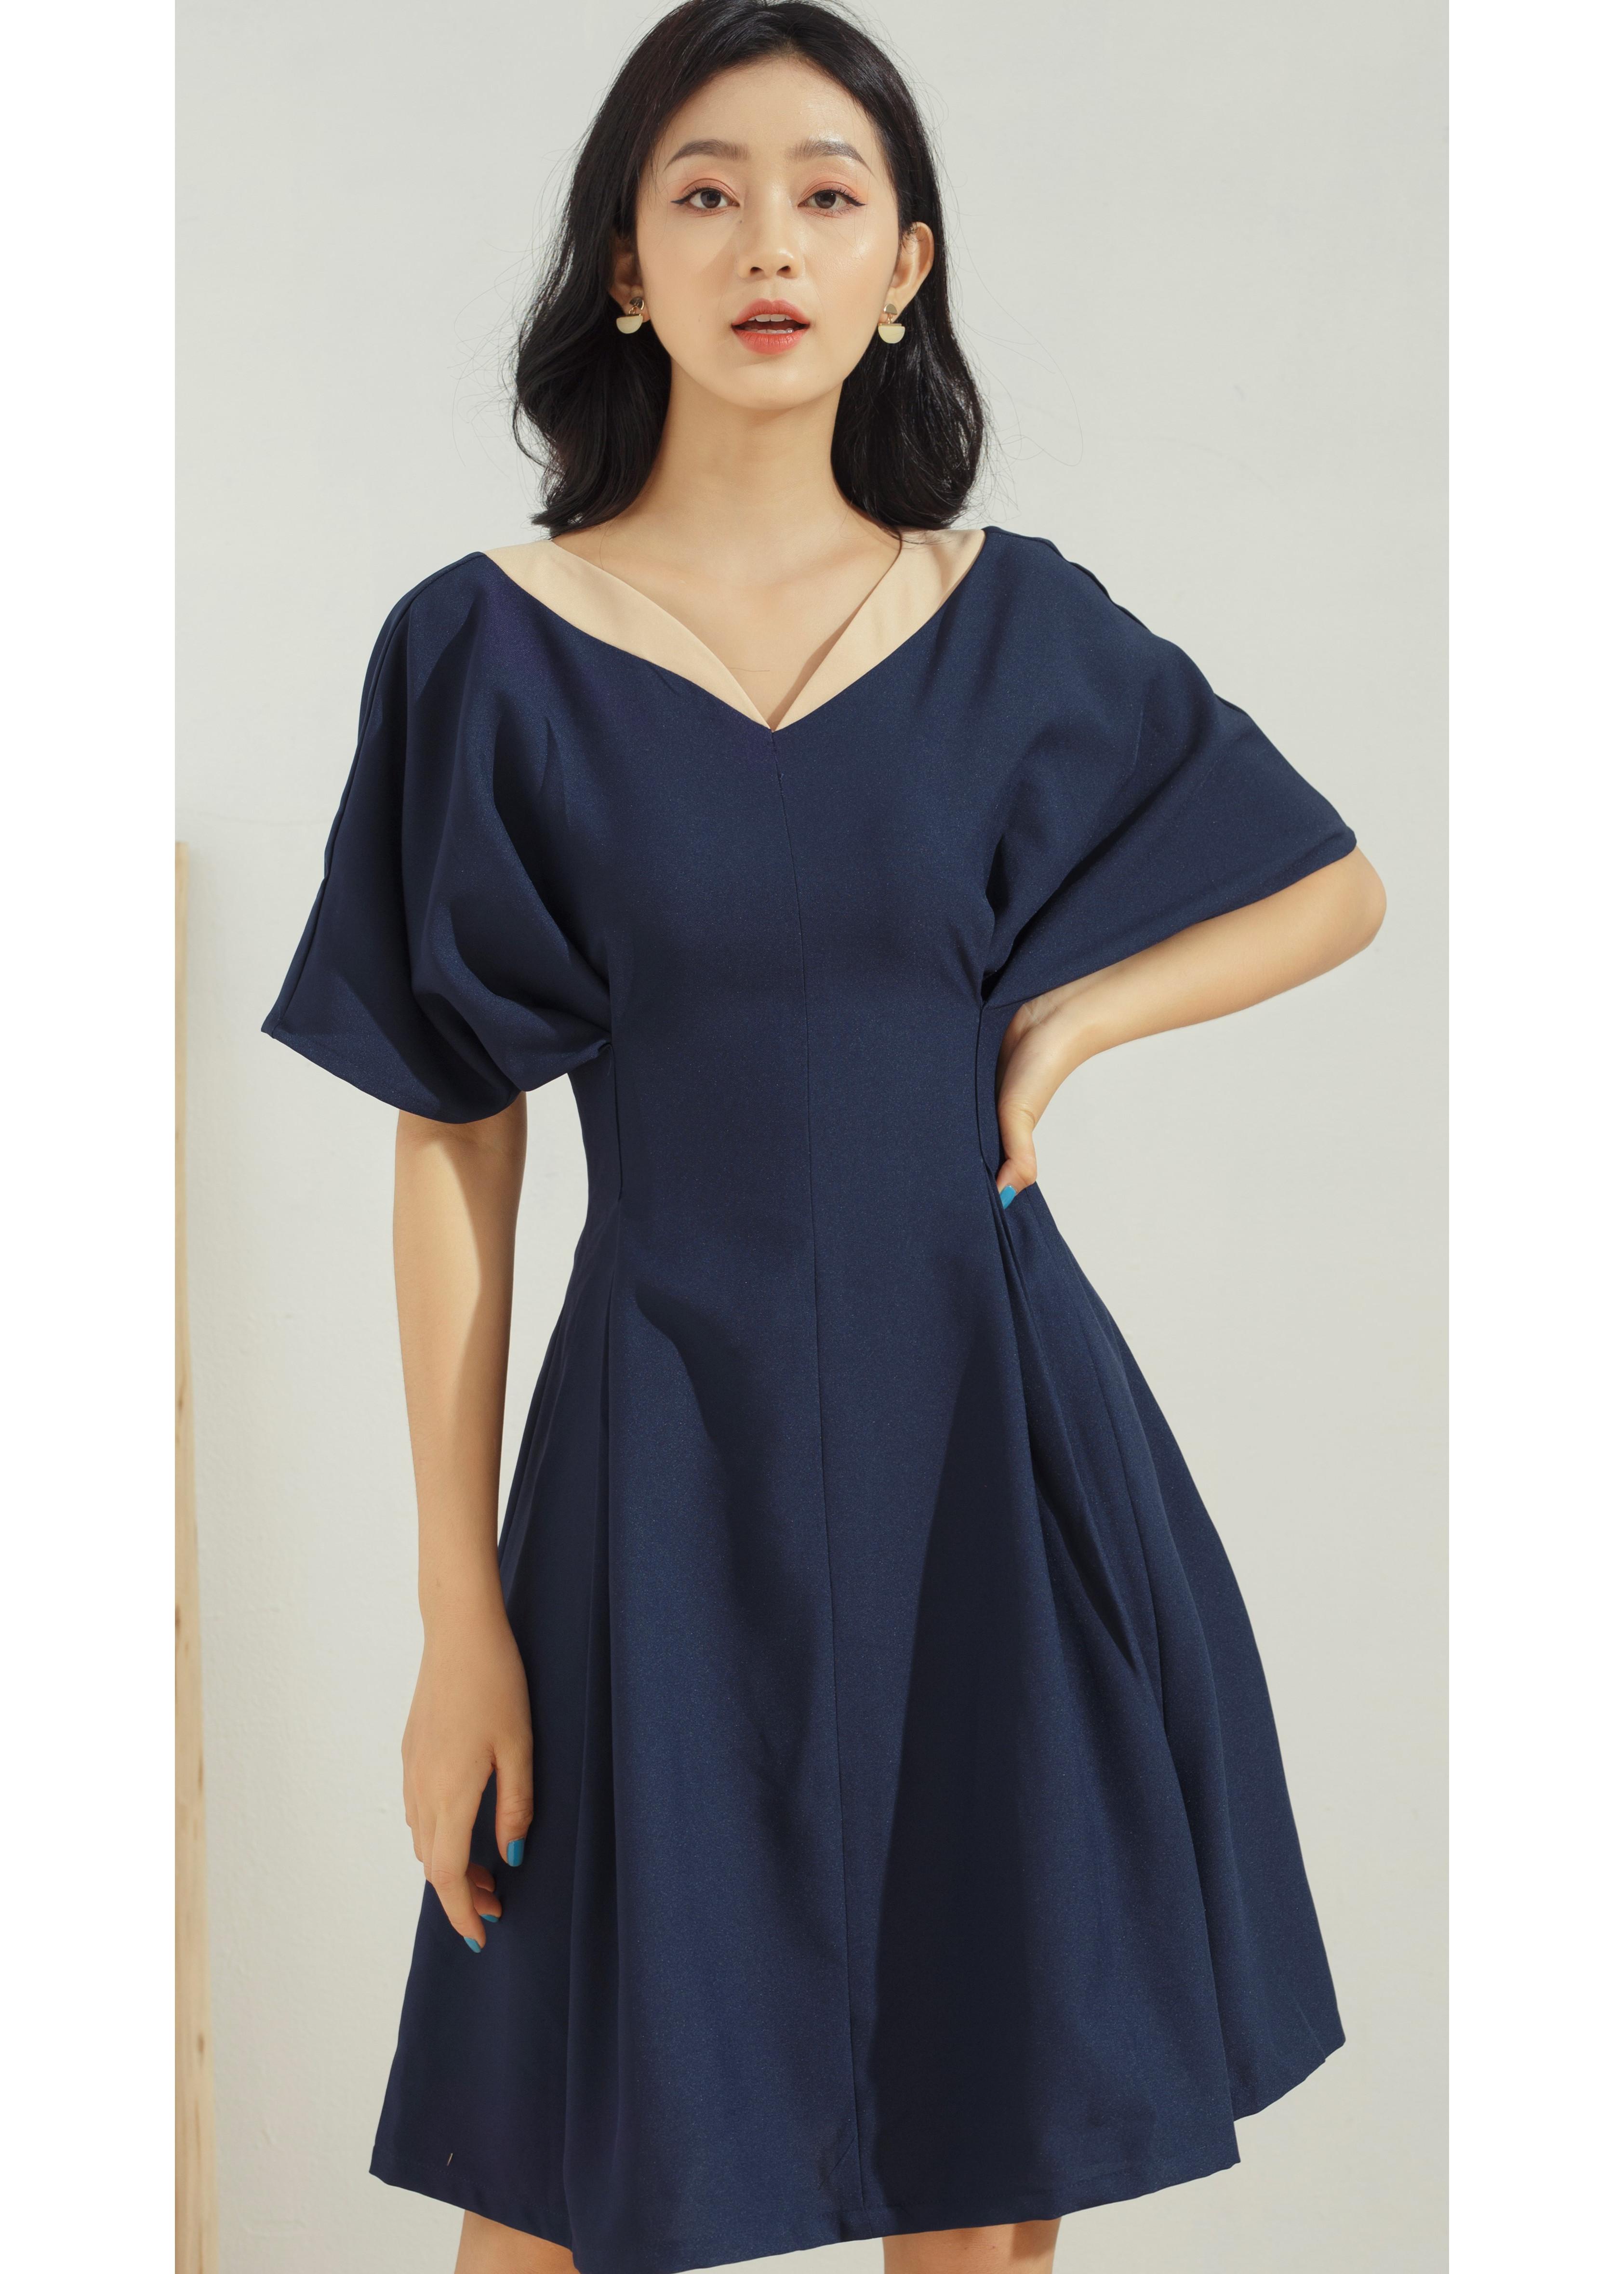 Hình ảnh Đầm xòe nữ GUMAC thiết kế tay dơi nhấn eo cổ V sang trọng trẻ trung màu xanh đen DA673